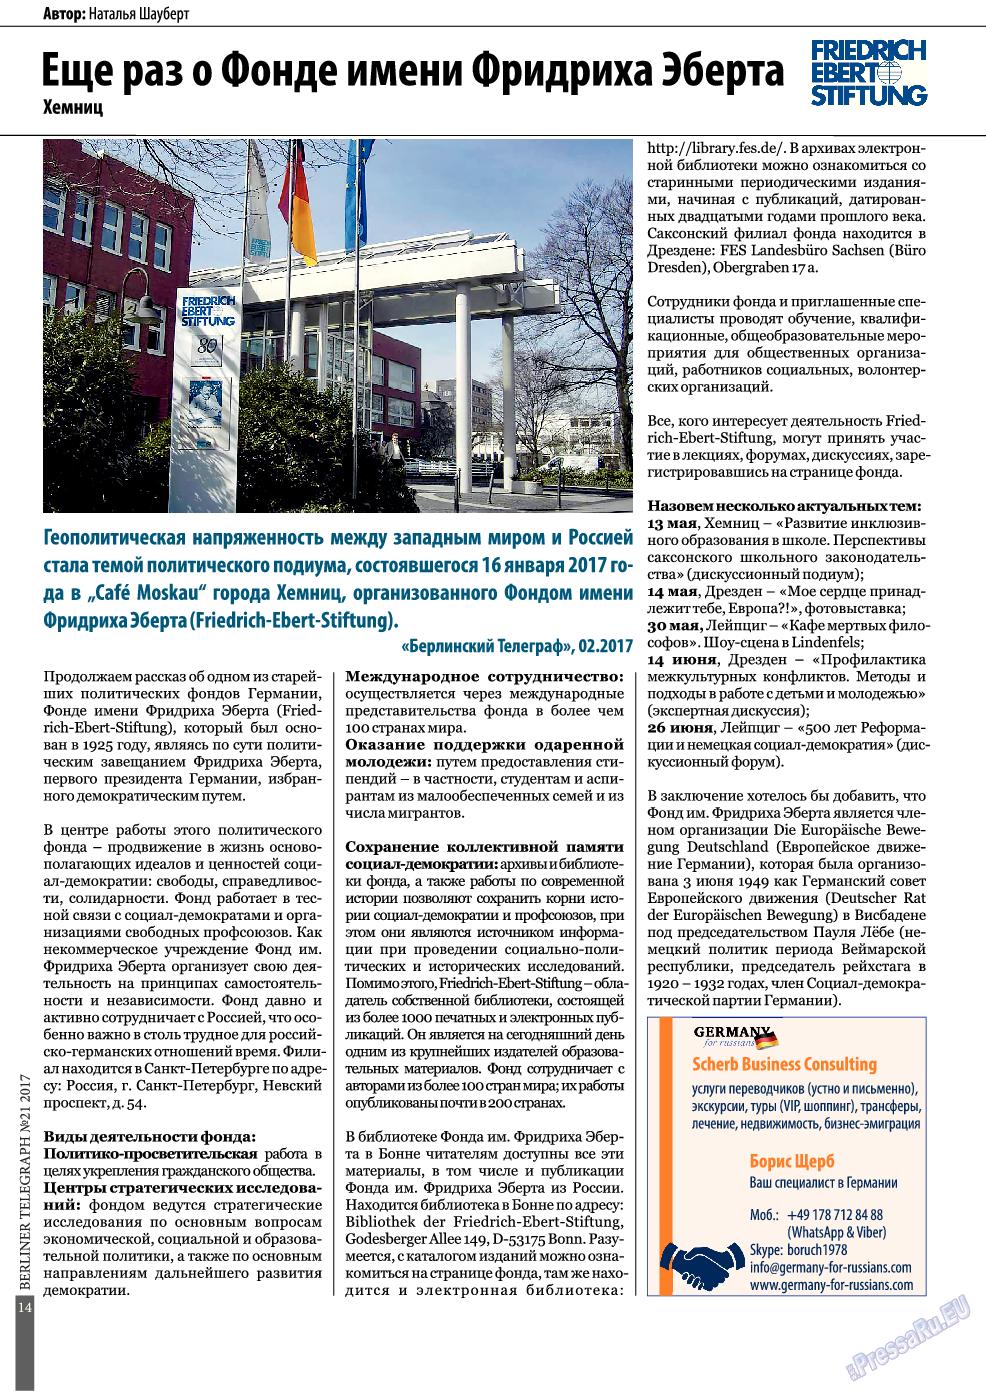 Берлинский телеграф (журнал). 2017 год, номер 21, стр. 14